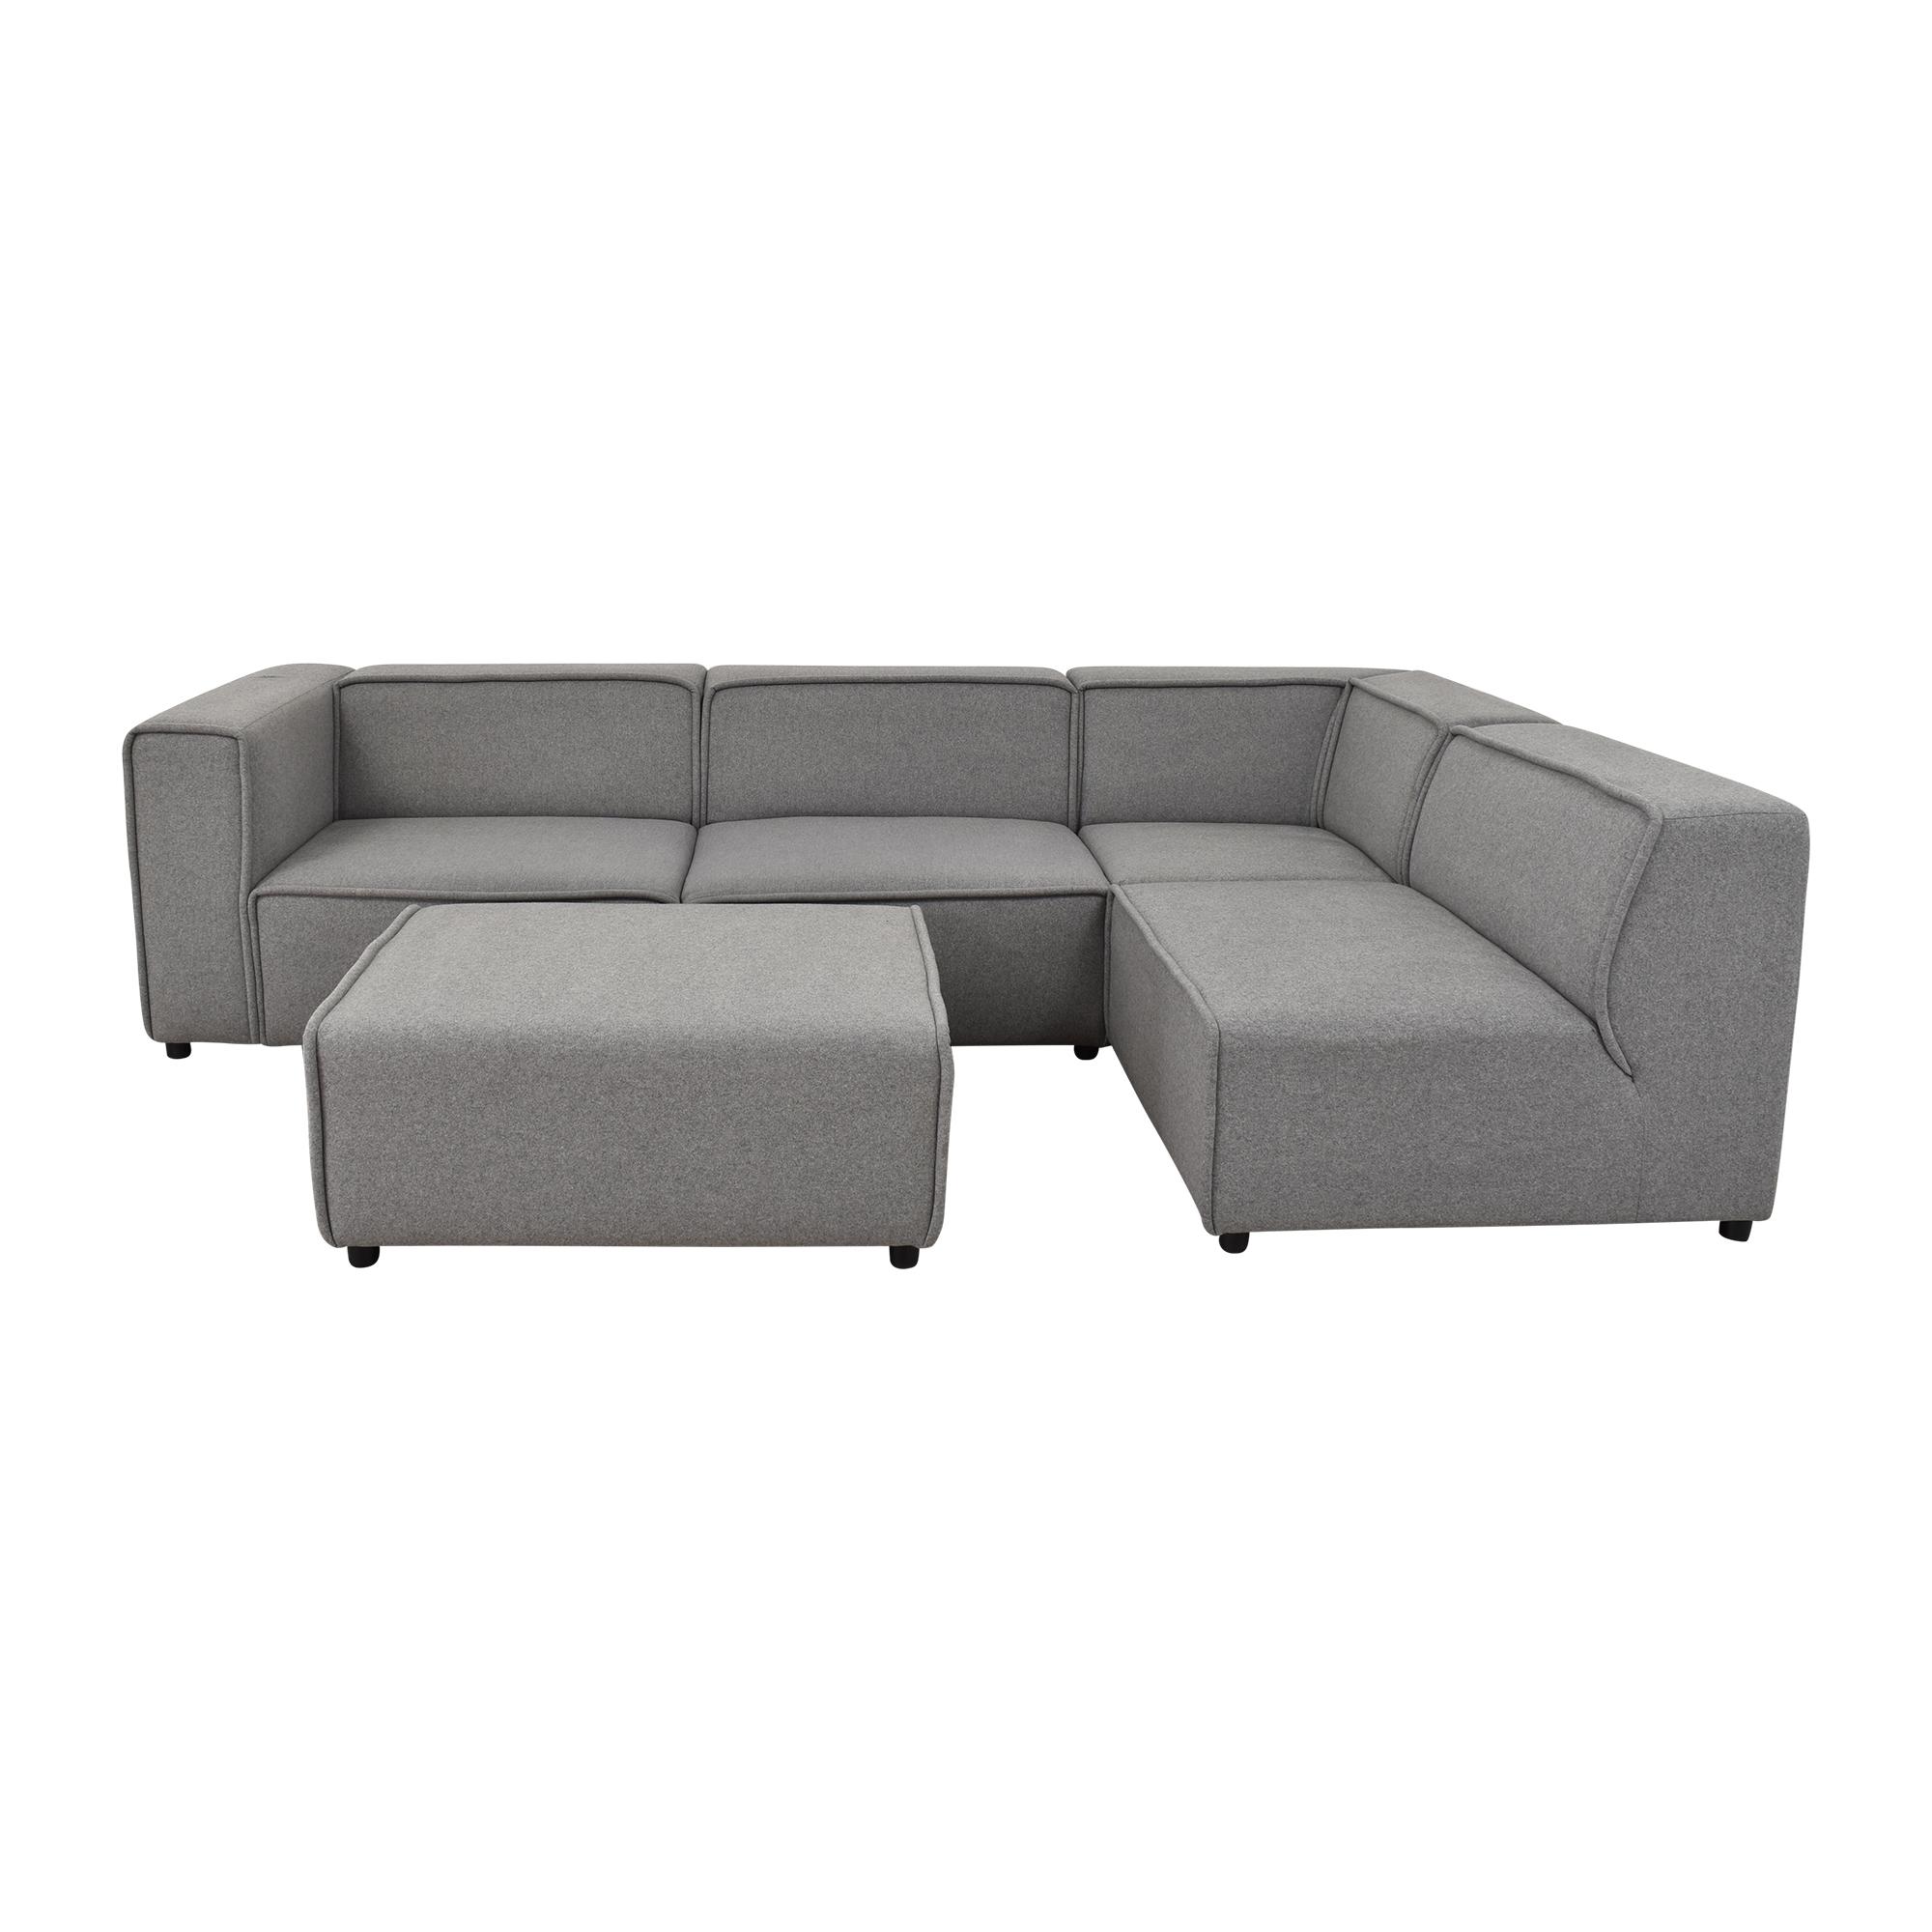 BoConcept BoConcept Carmo Sectional Sofa with Ottoman ct